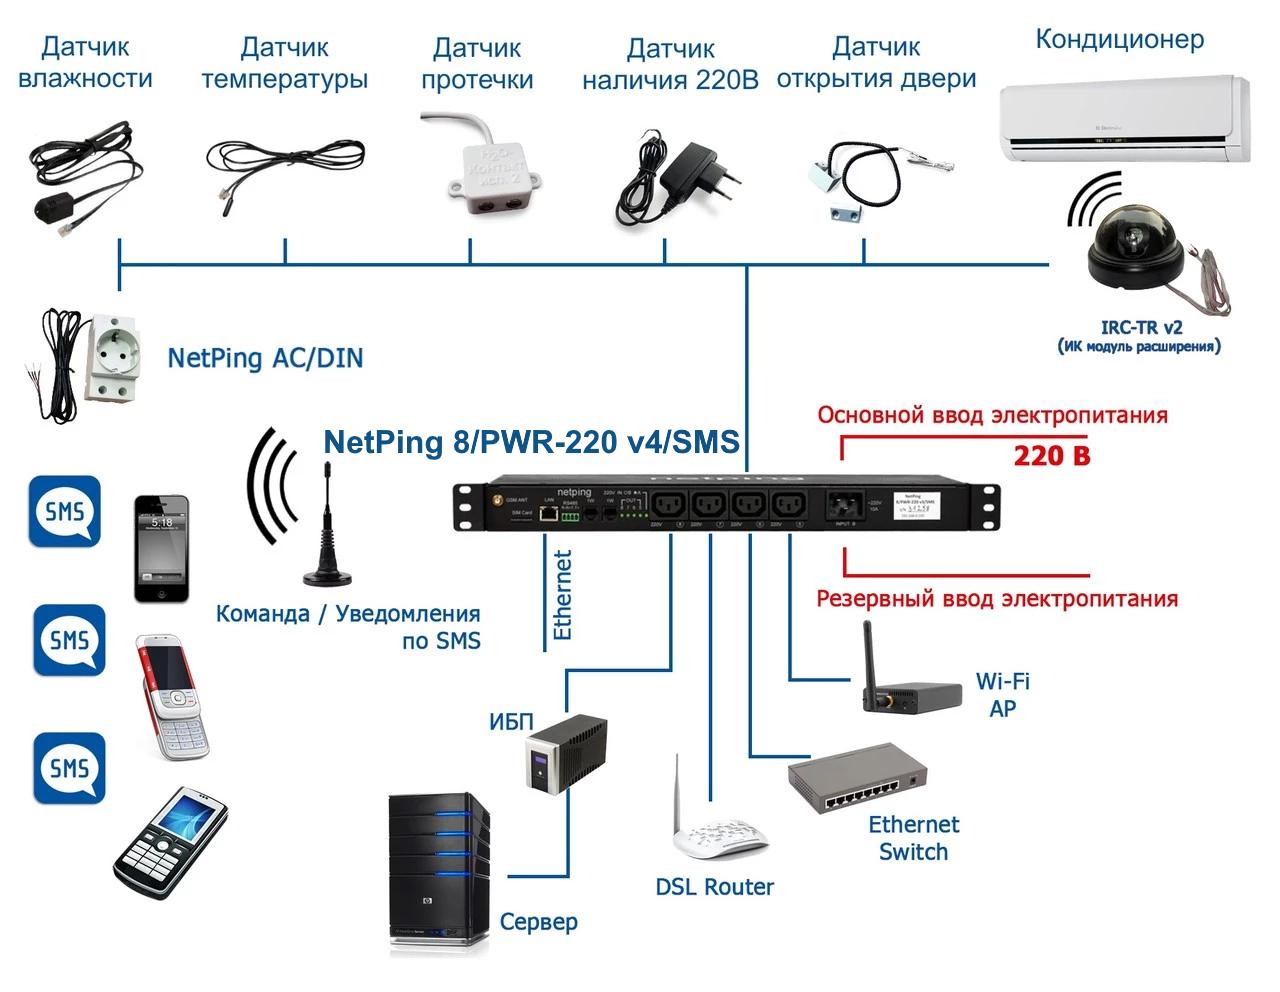 Подключаемые датчики и нагрузка к NetPing 8PWR-220 v4SMS